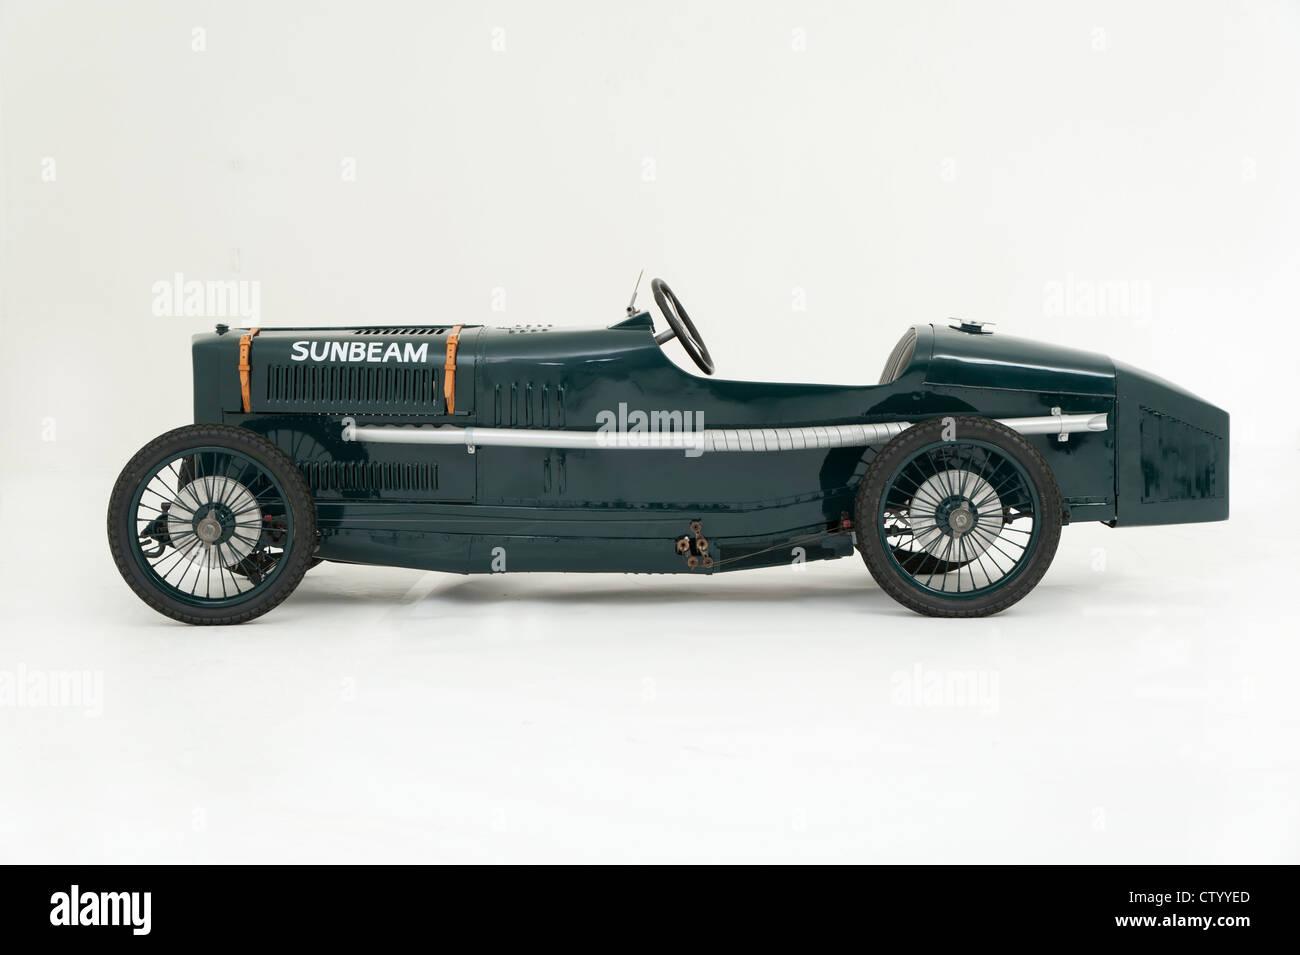 Sunbeam Cub replica children's motorised pedal car - Stock Image